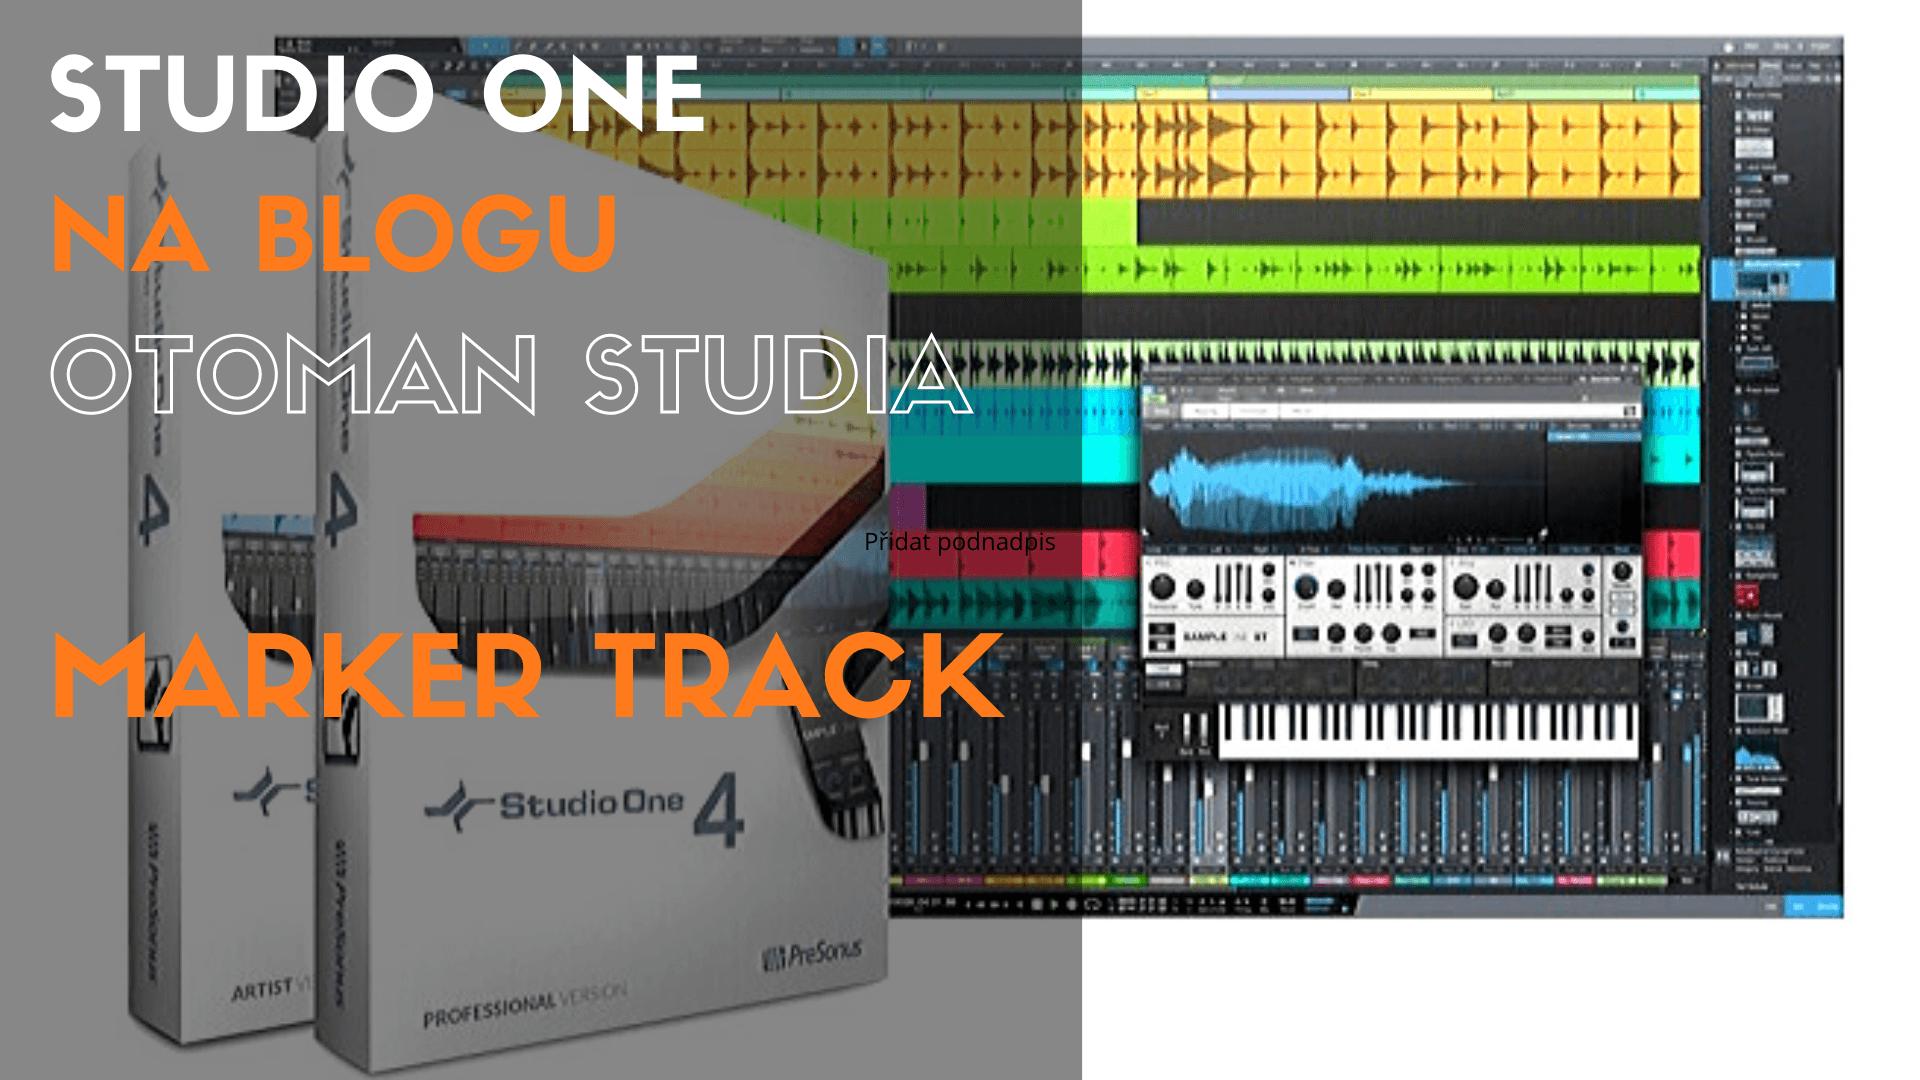 Studio One – Marker Track